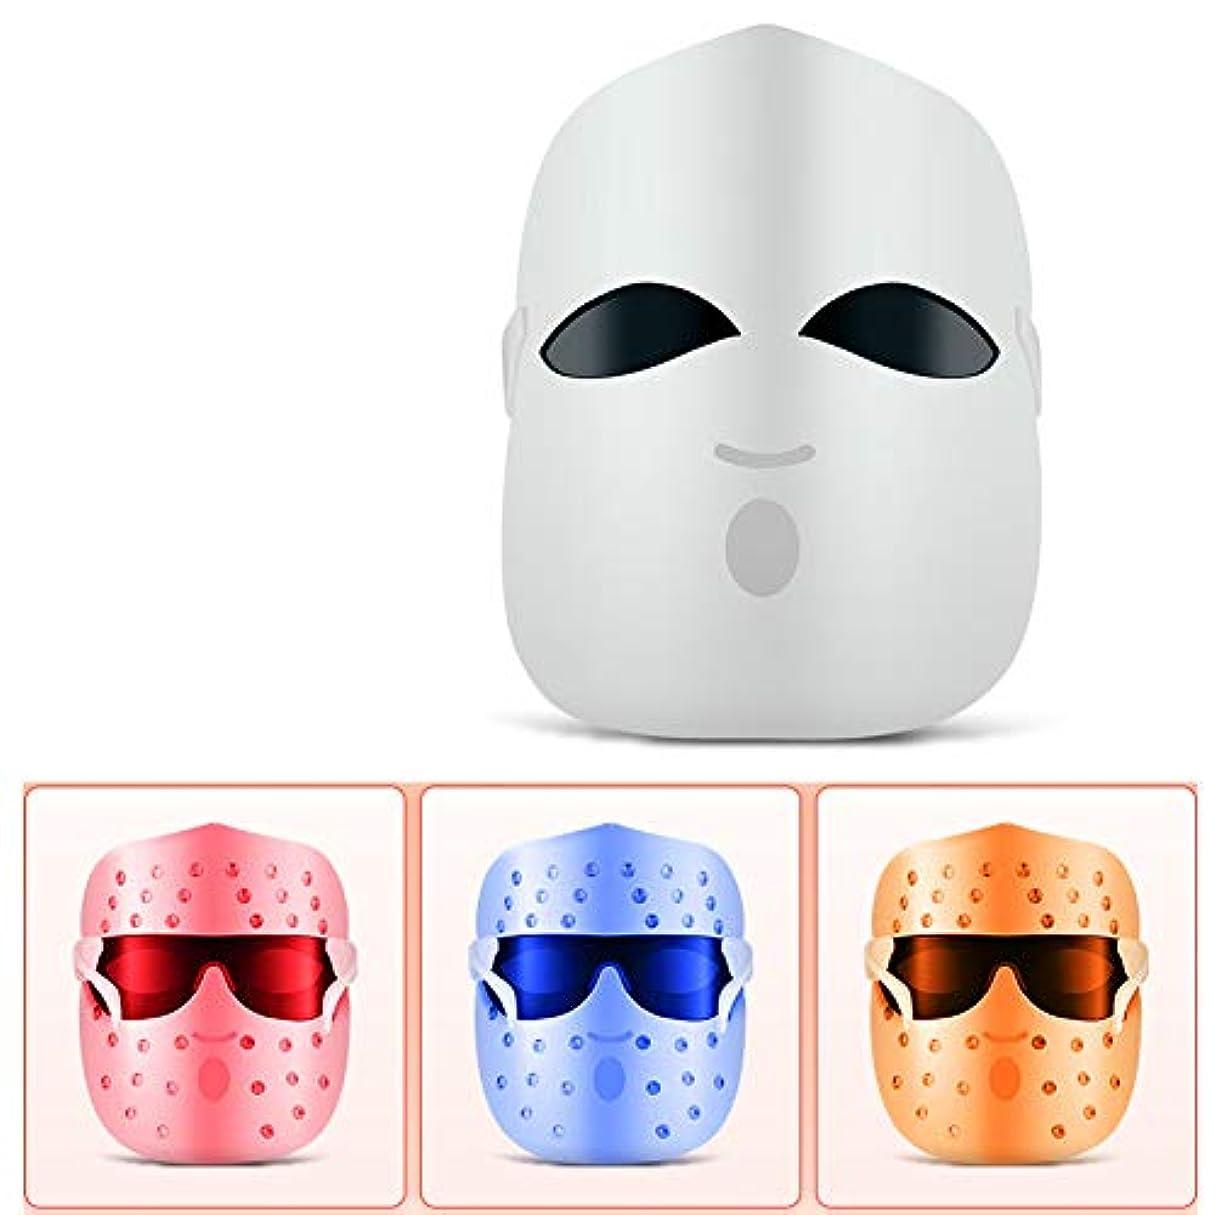 さておきかき混ぜるメンターフェイスマスク、にきびの治療のための光療法にきびマスク|スポット|にきび|肌のシミ